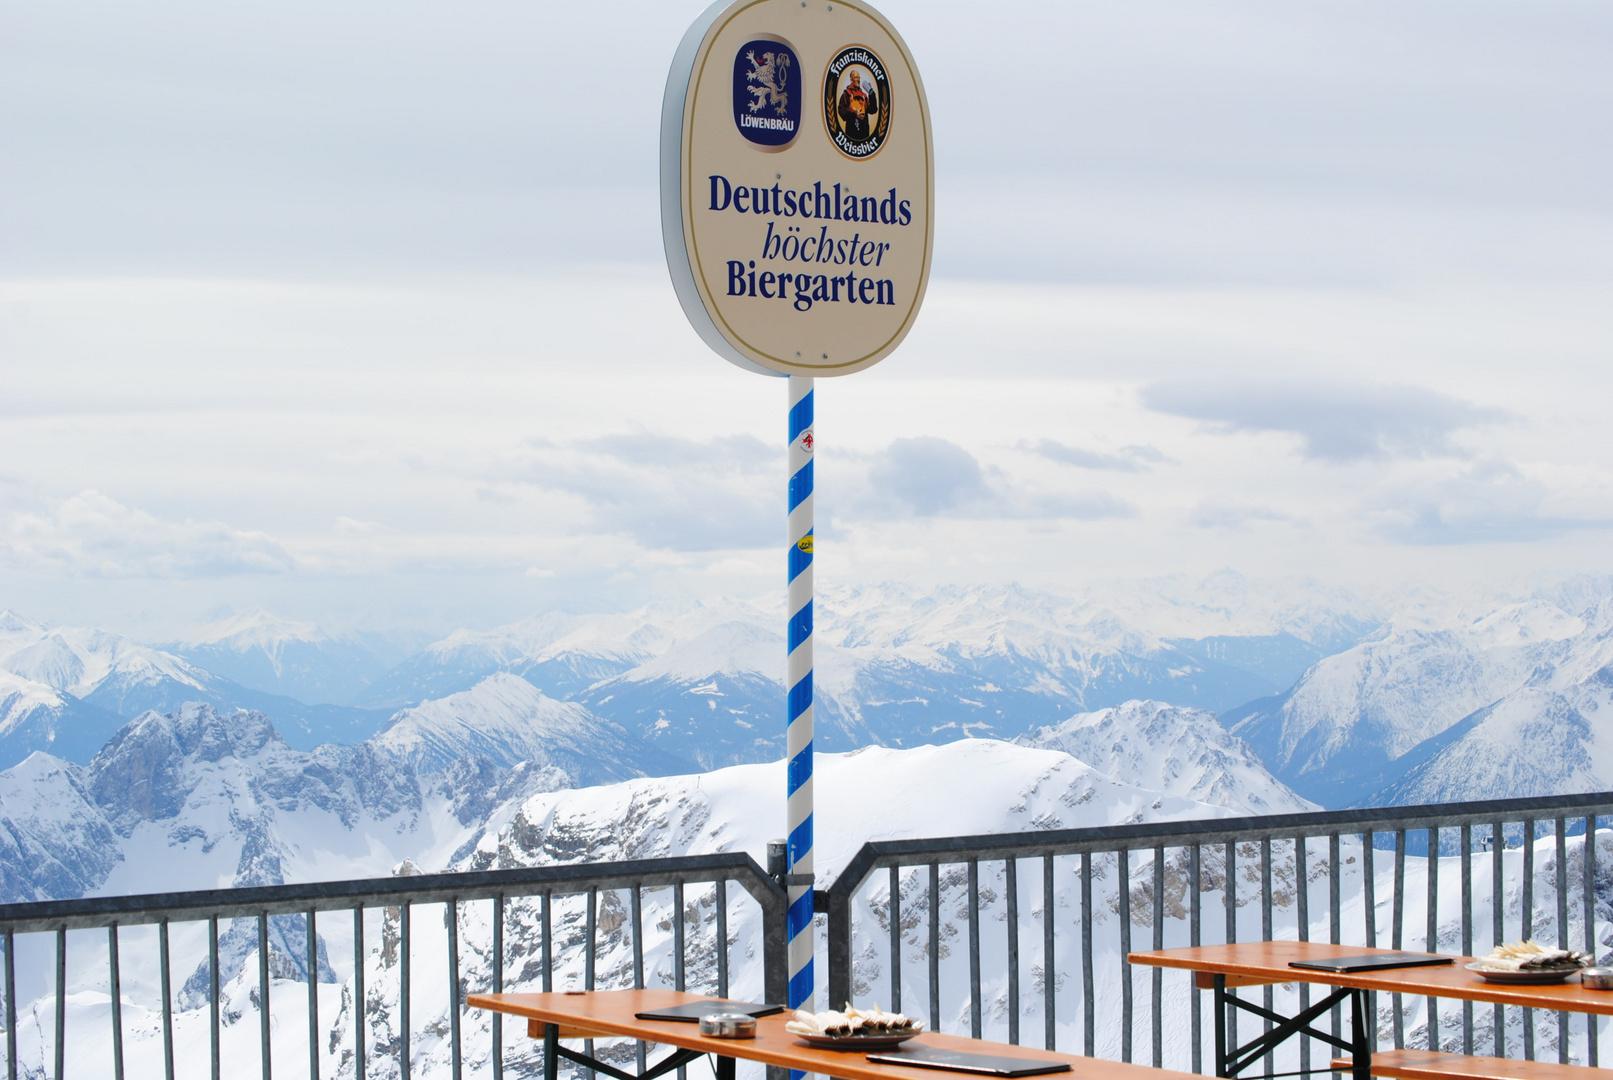 Deutschlands höchster Biergarten :o) In 2964 Metern höhe